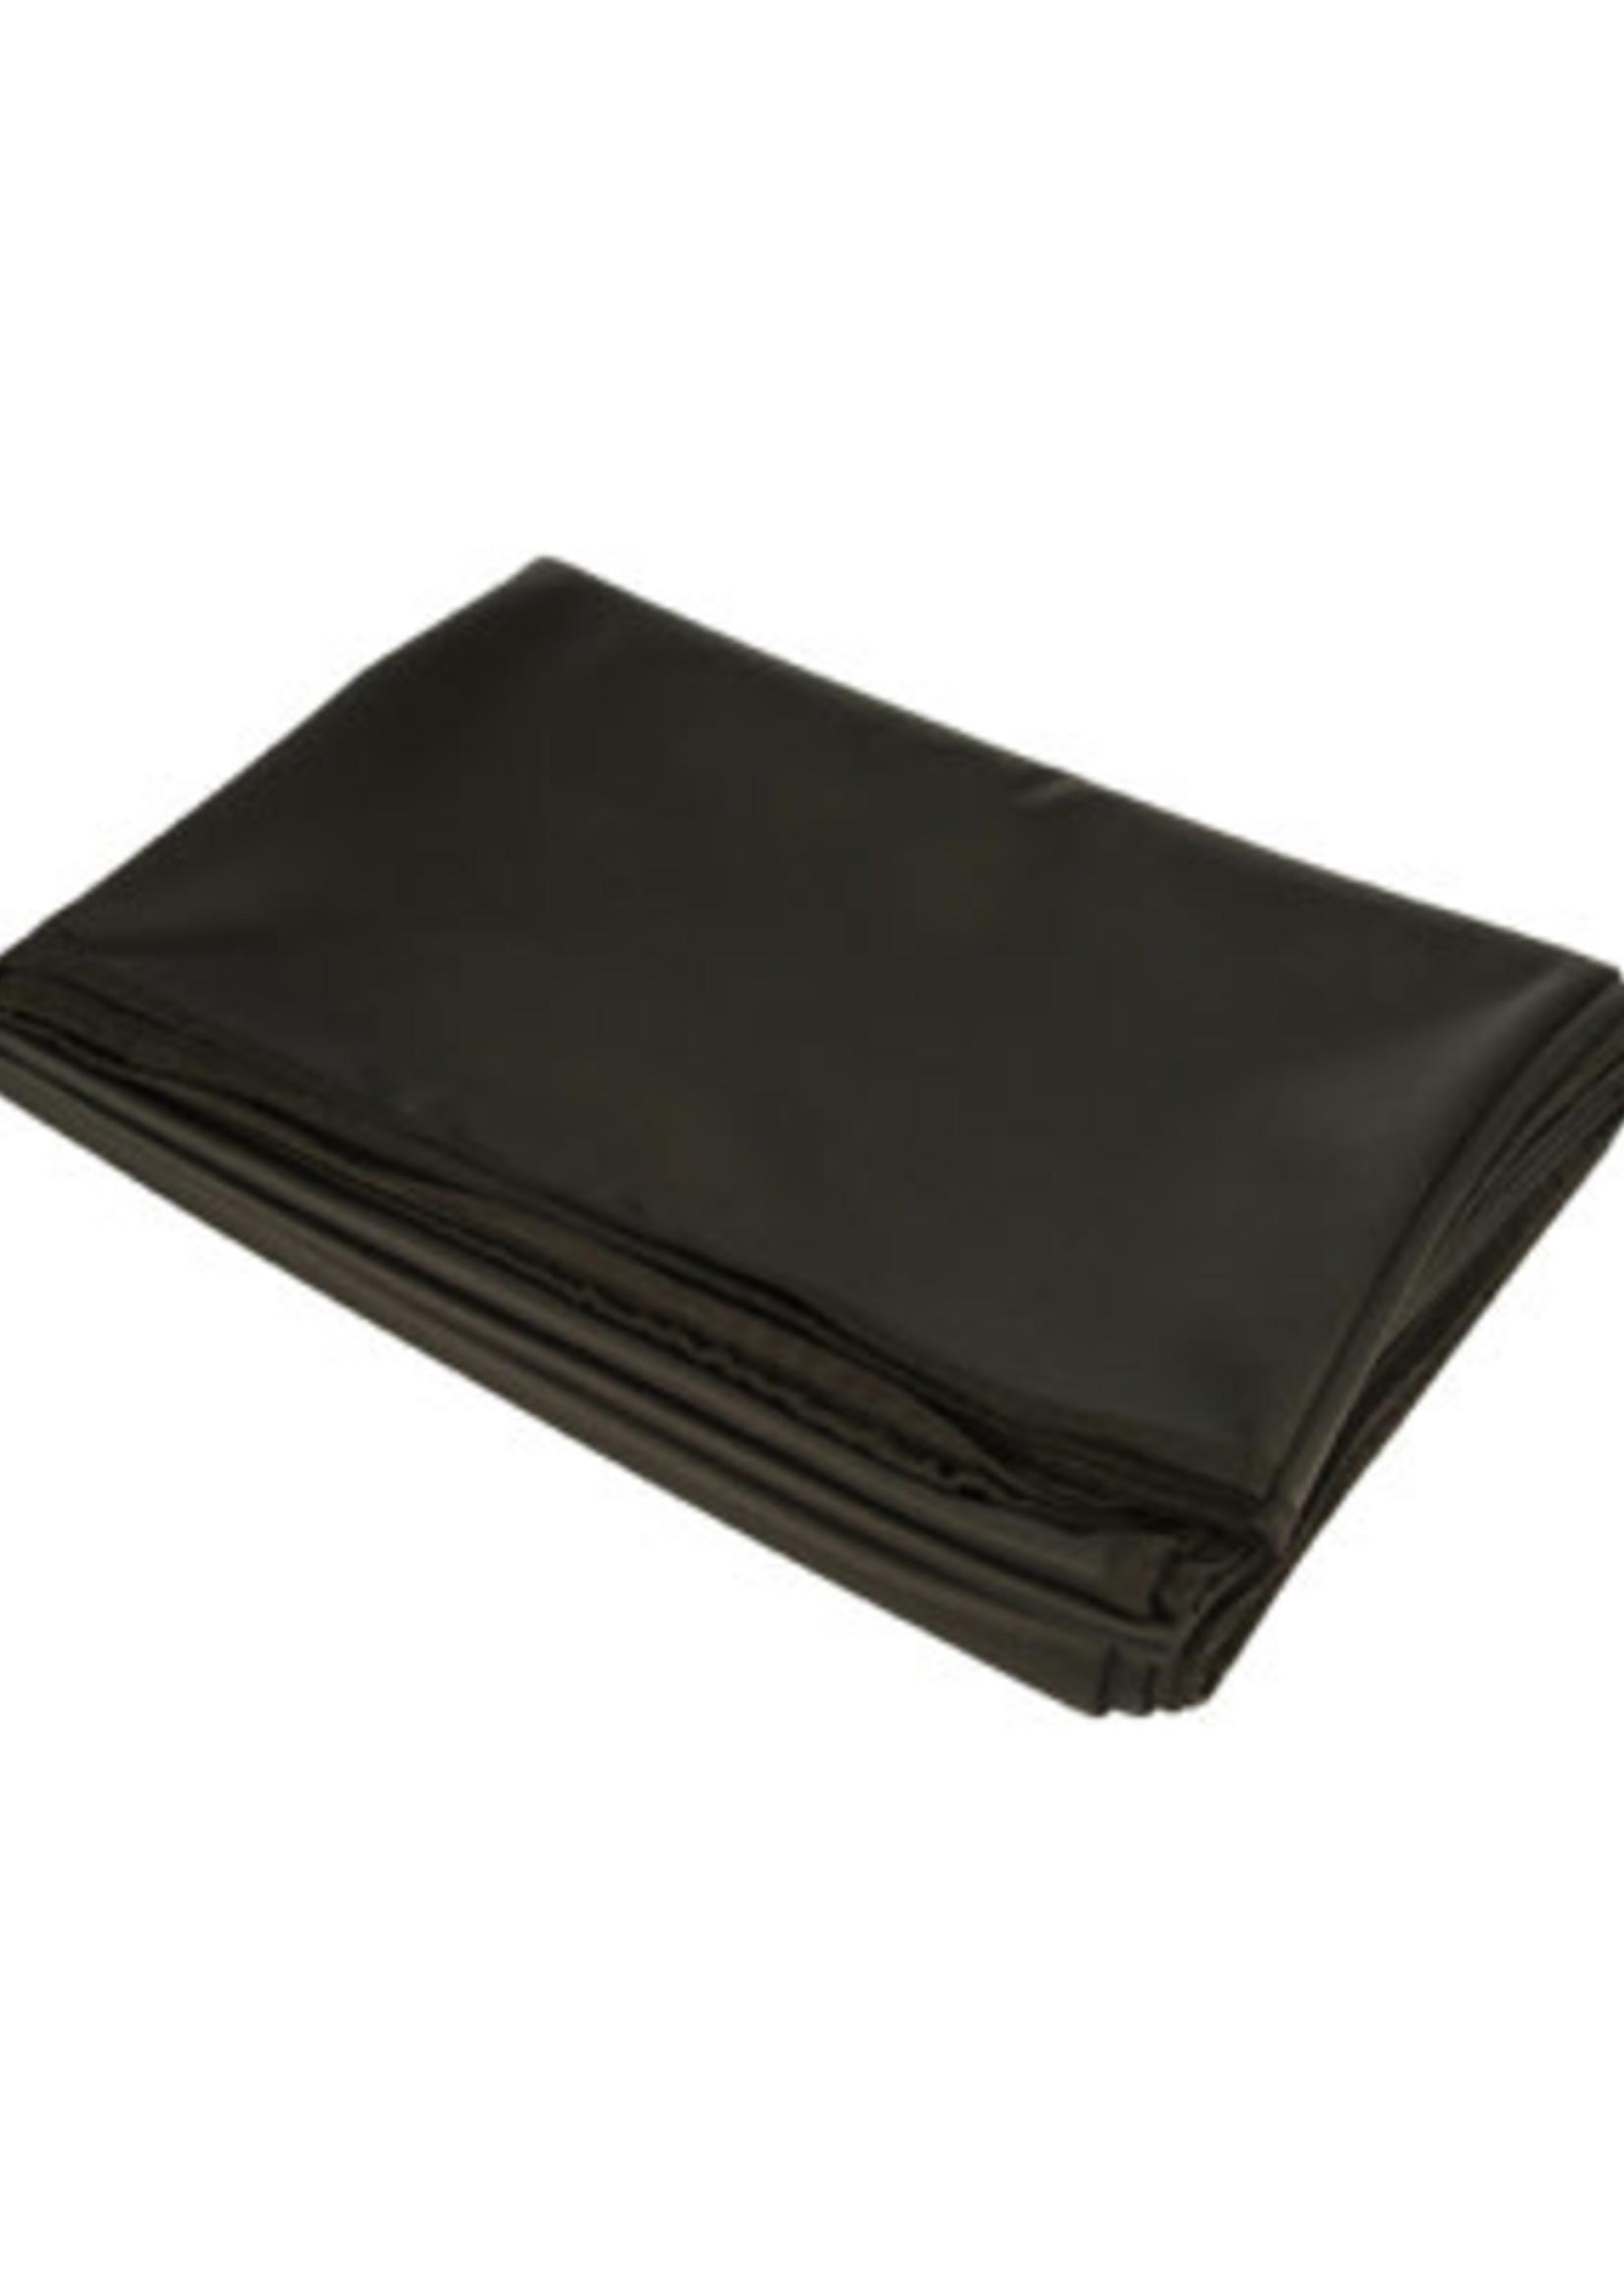 Ignite Ignite Exxxtreme Sheets Blanket